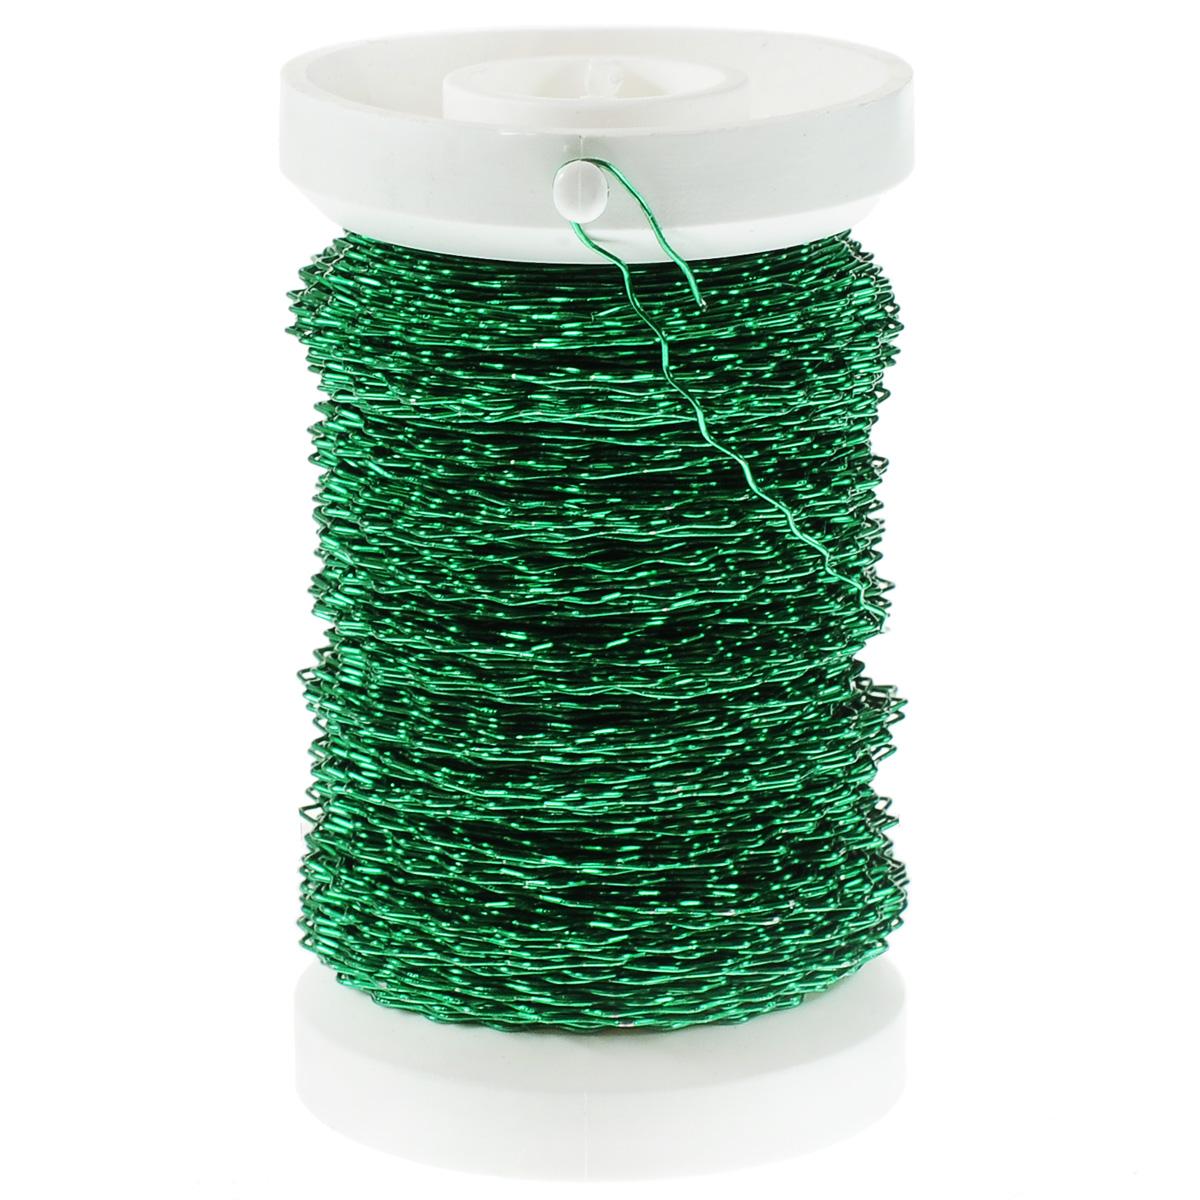 Проволока декоративная Hobby Time, цвет: зеленый, 0,30 мм х 45 м7706405Проволоку Glorex можно использовать для создания различных изделий бижутерии, для декора фотоальбомов, домашнего интерьера и других целей. Проволока - это очень распространенный и легкодоступный материал. Ее изготавливают из разных металлов и покрывают лаками разных цветов, благодаря чему она обладает прекрасными декоративными свойствами. Проволока является хорошим материалом для плетения, а для достижения эффектного украшения можно сочетать несколько цветов проволоки.